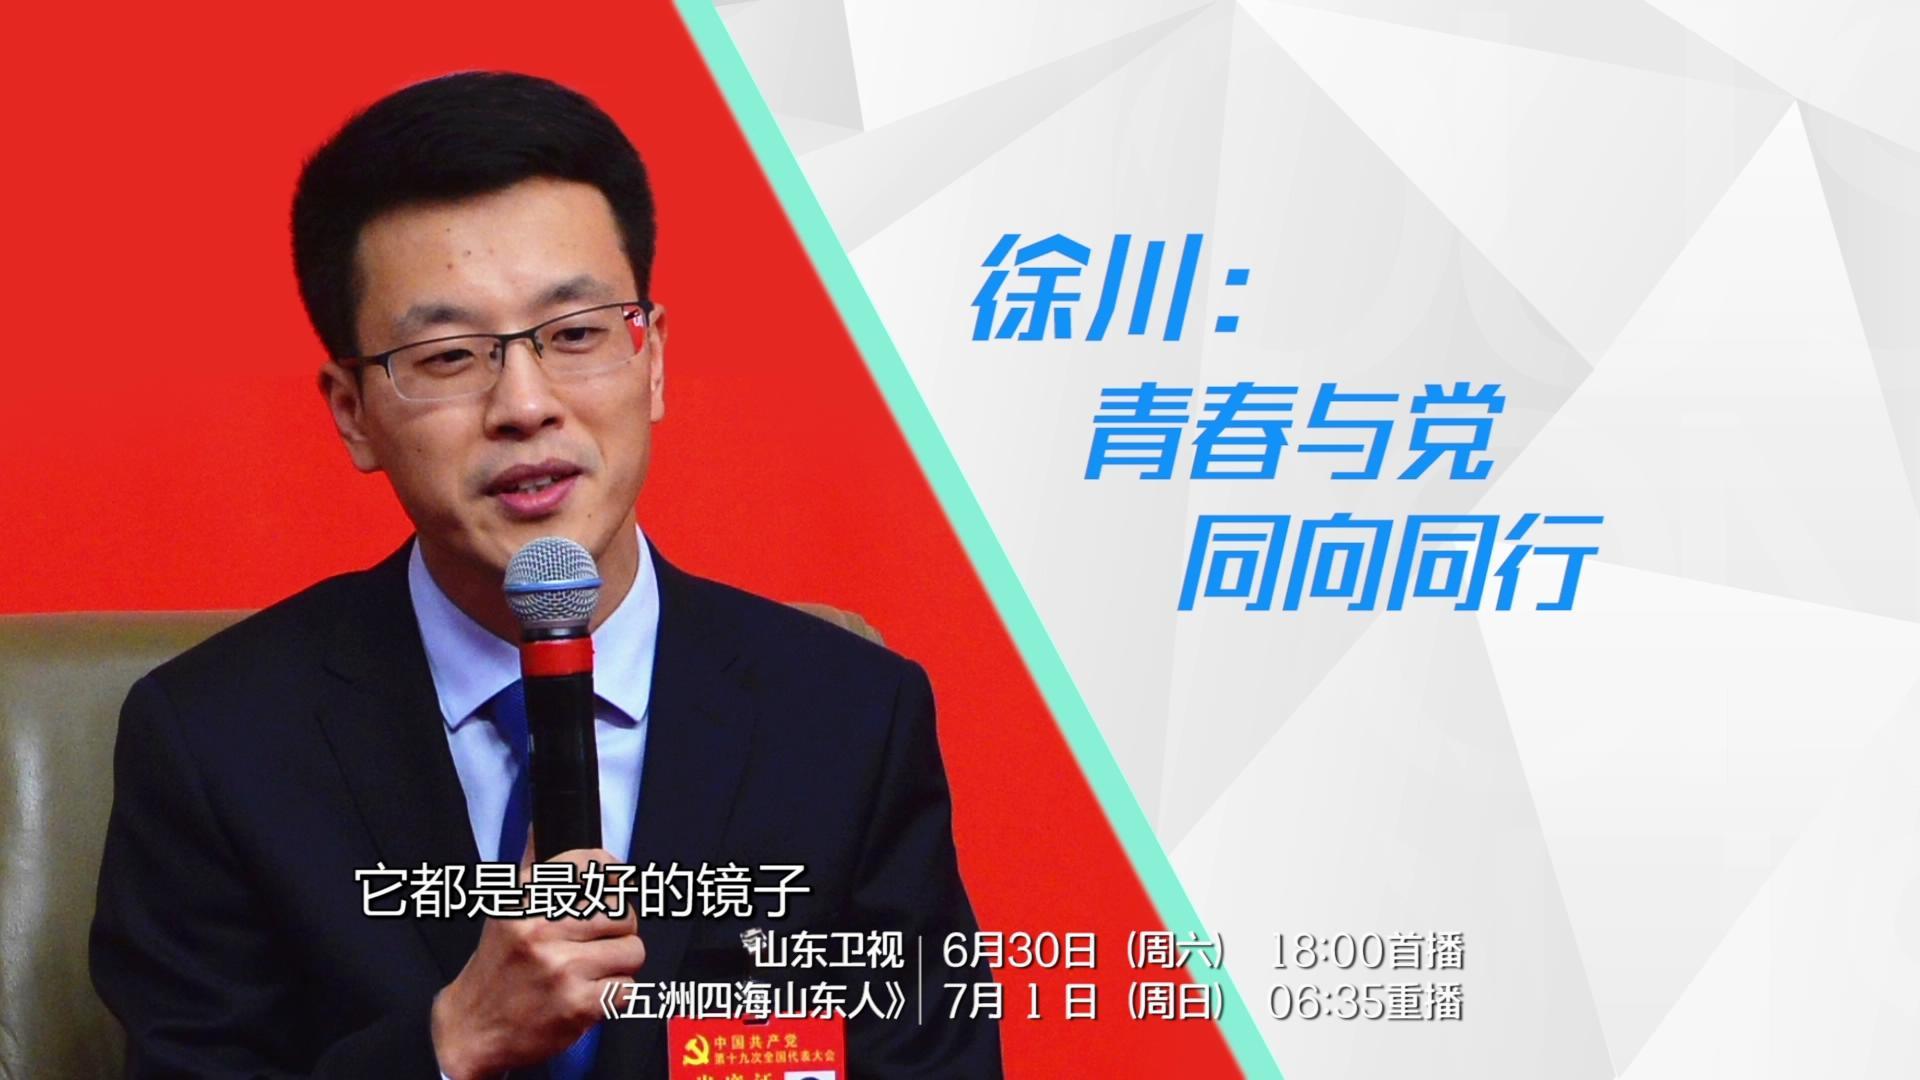 完整版|徐川:青春与党 同向同行